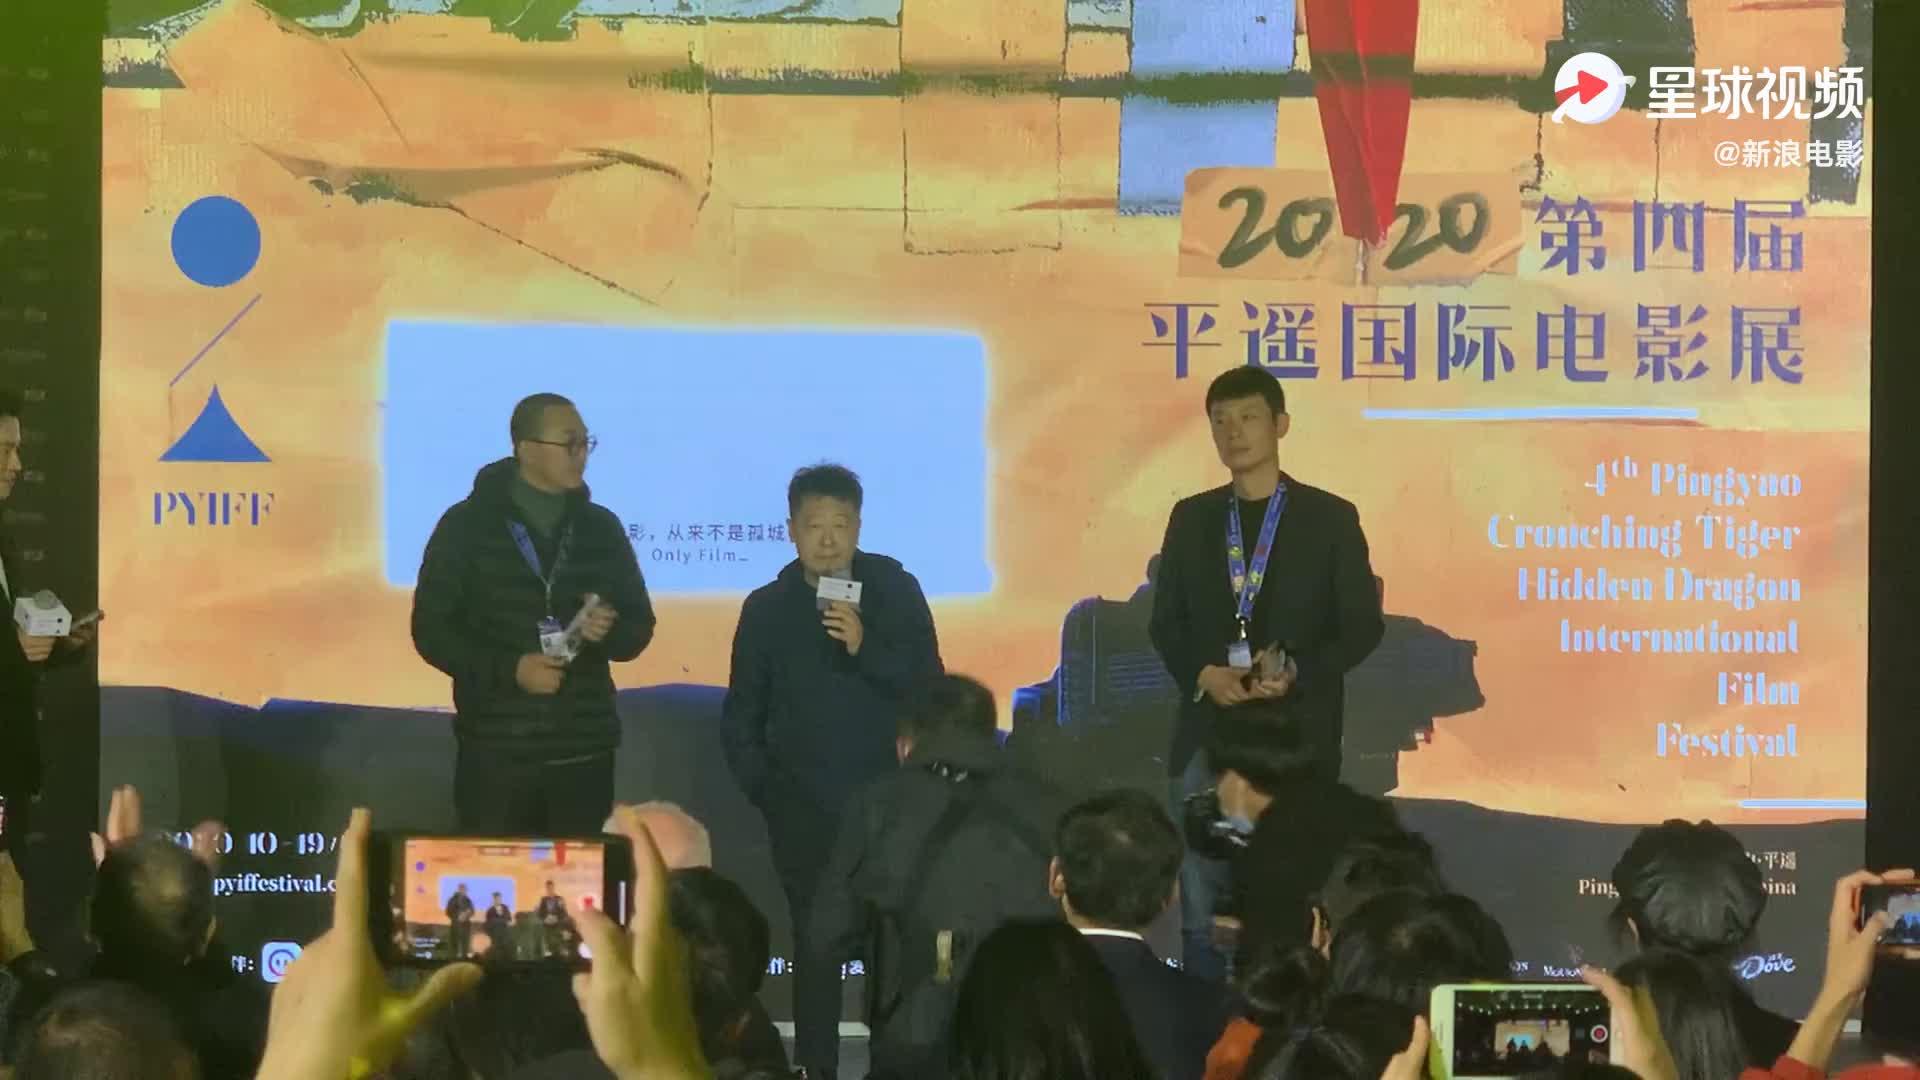 贾樟柯哽咽感谢平遥国际电影展,台下影人:我们也感谢您